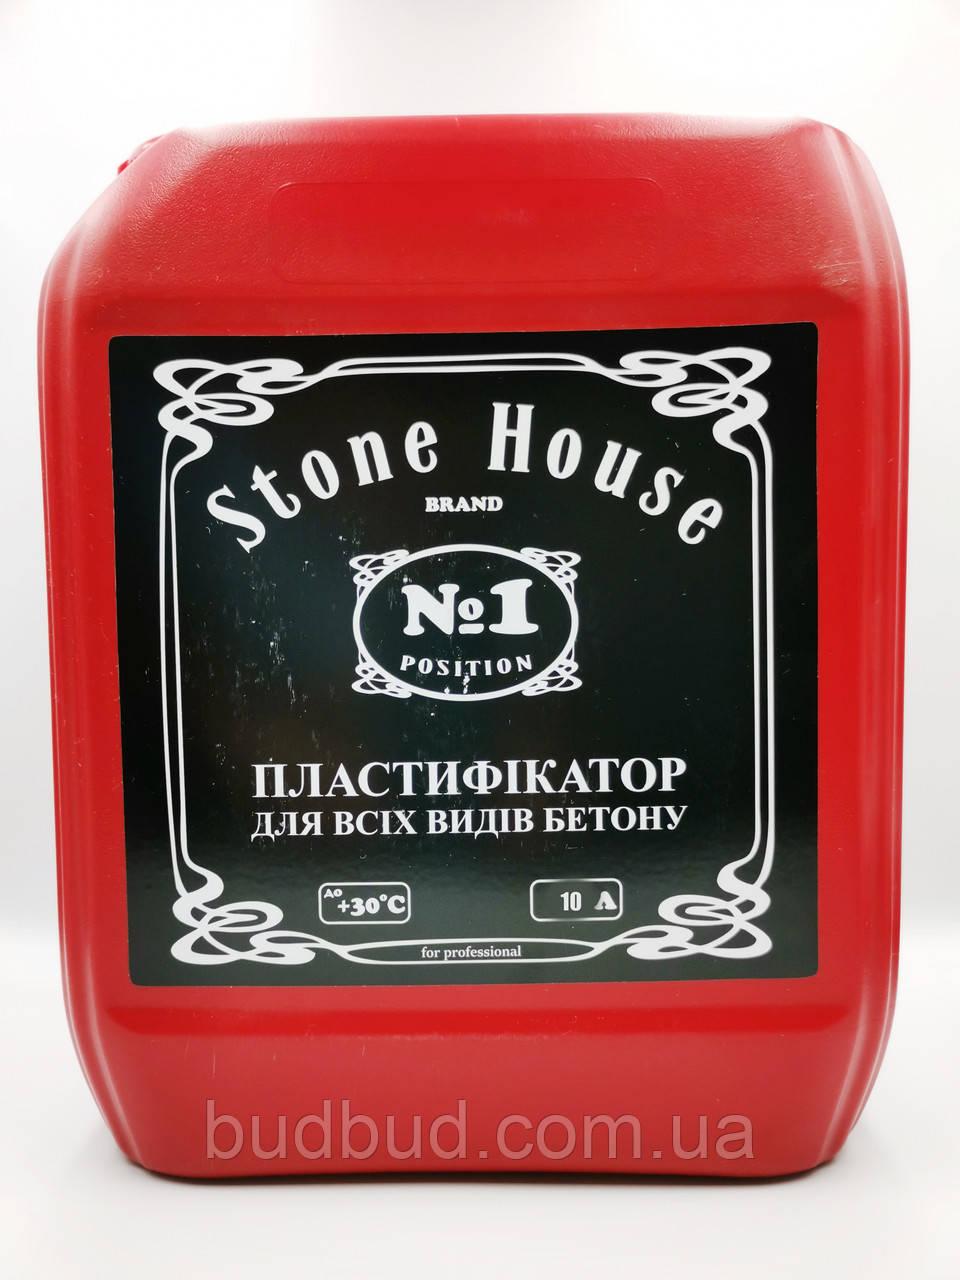 Пластифікатор ТМ «Stone House» №1 для всіх марок і класів бетону 10л.